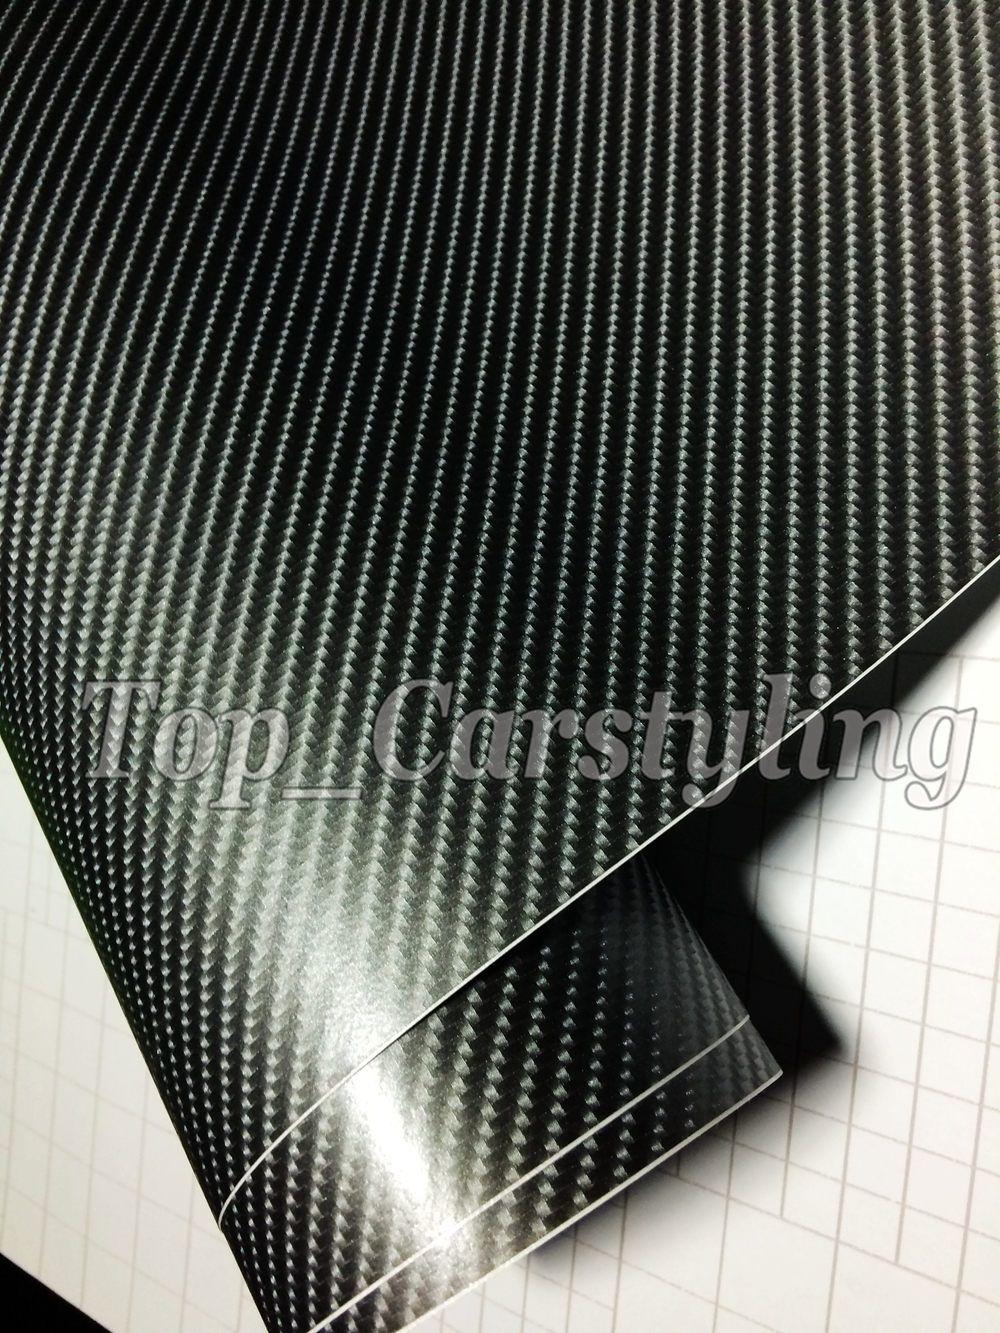 프리미엄 Gunmetal 4D 탄소 섬유 VINYL WRAP STICKER 공기 버블 무료 CAR BIKE / 공기 방출 자동차 / 보트 / 테이블 덮음 1.52x30m / Roll 5x98ft